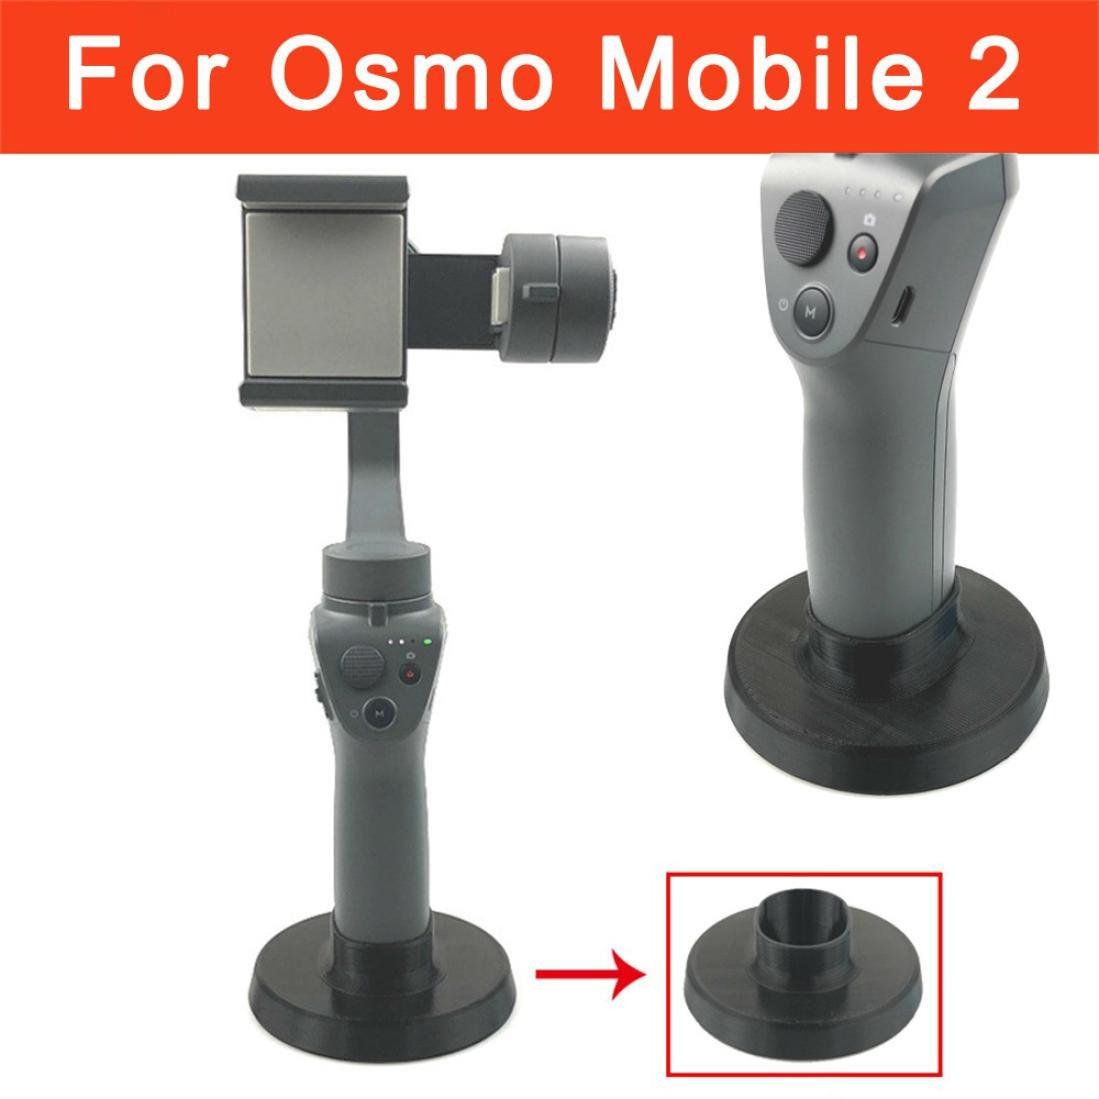 Diadia DJI Pour DJI Osmo Mobile–Diadia Accessoires extension support de montage de base pour DJI Osmo téléphone portable Gimbal 2-remains stable sans anti Renversement DD